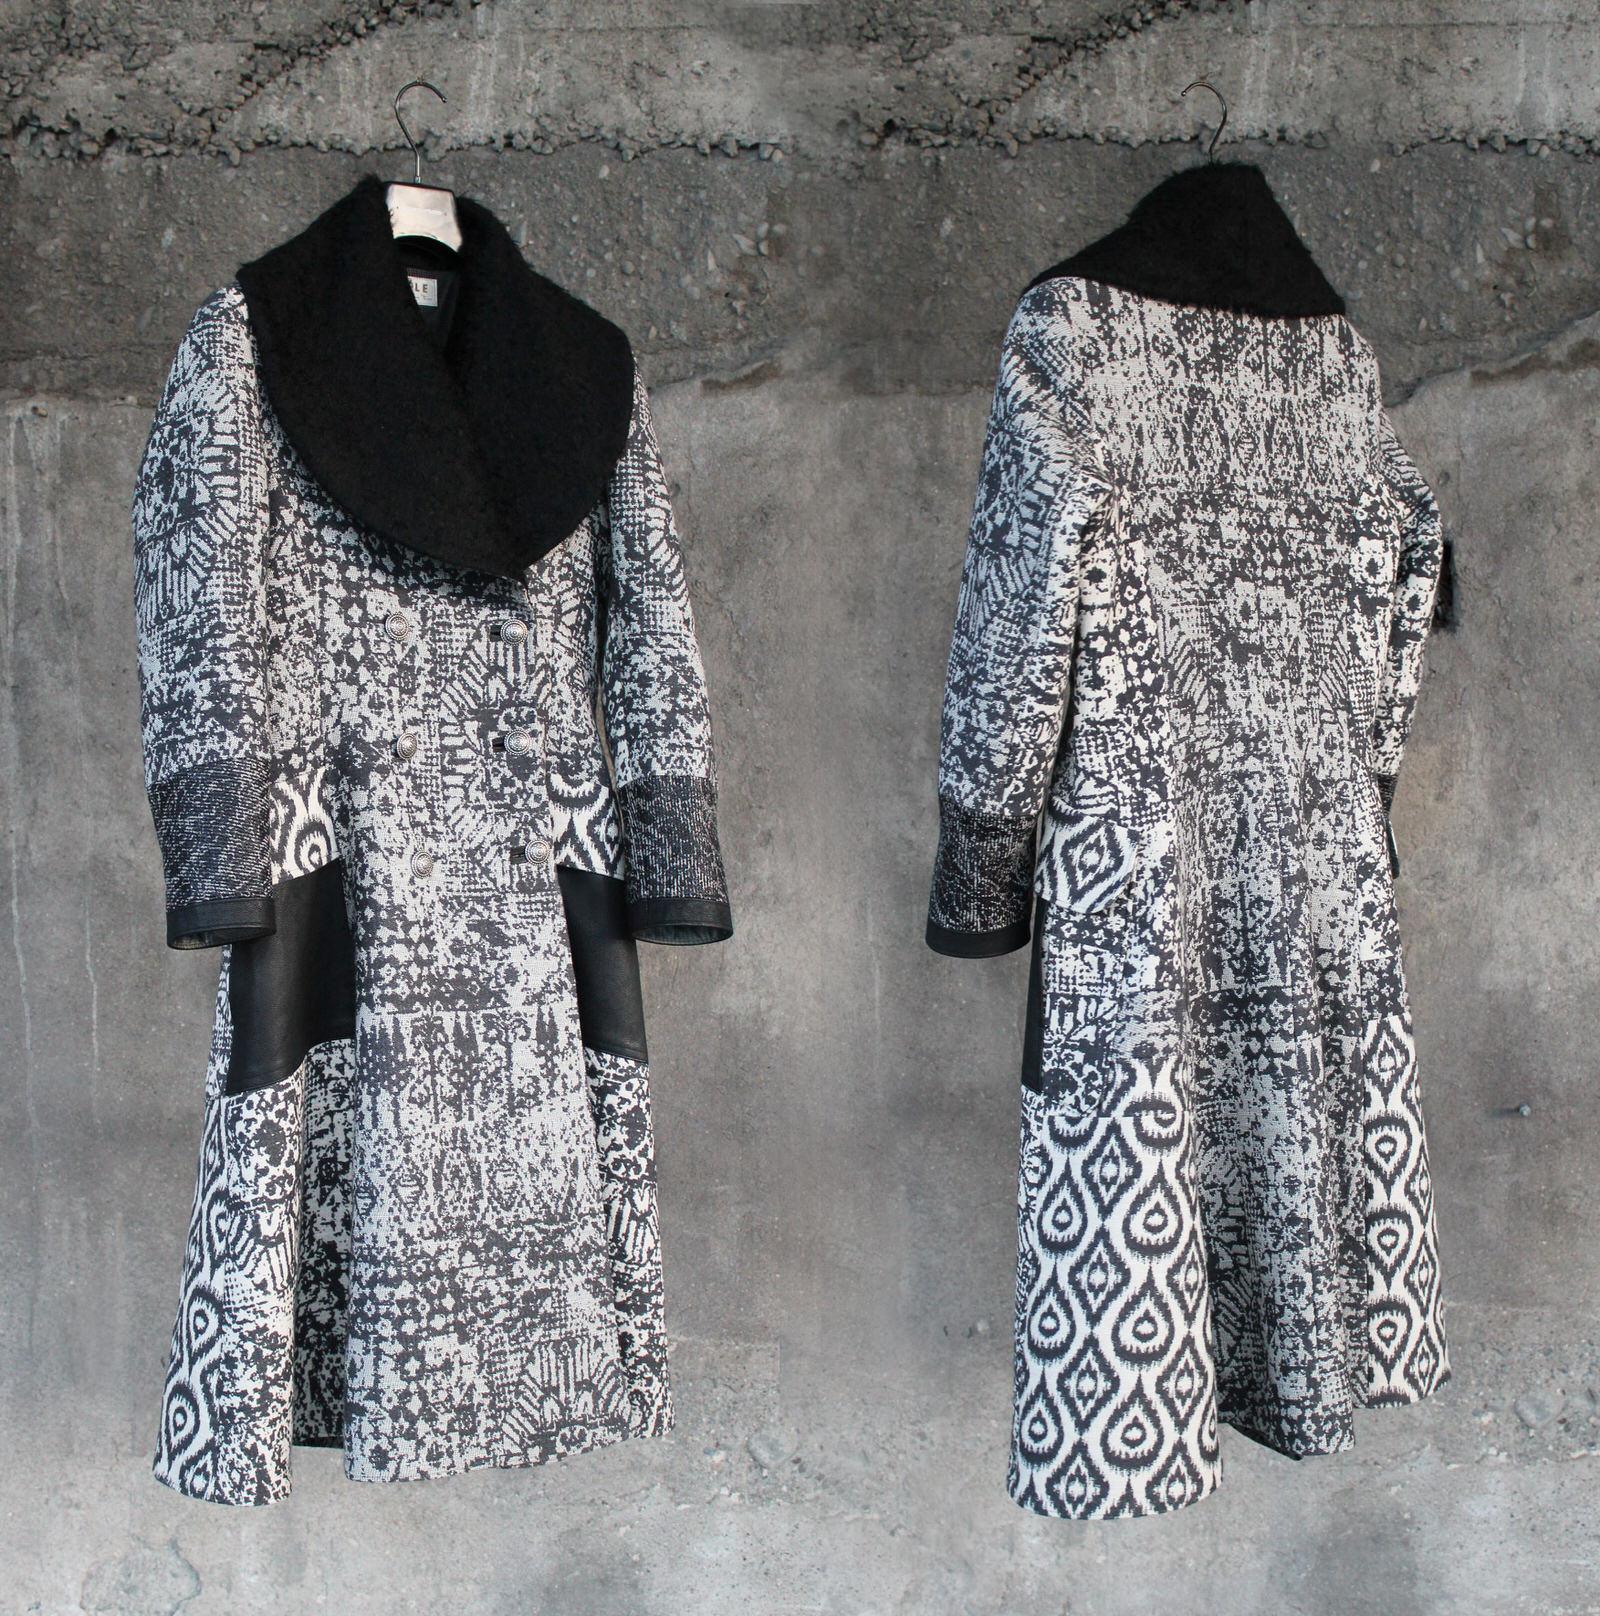 Jedes Einzelstück wird von dem Textilkünstler mit Passion und Leidenschaft aus nachhaltigen Naturmaterialien hergestellt.